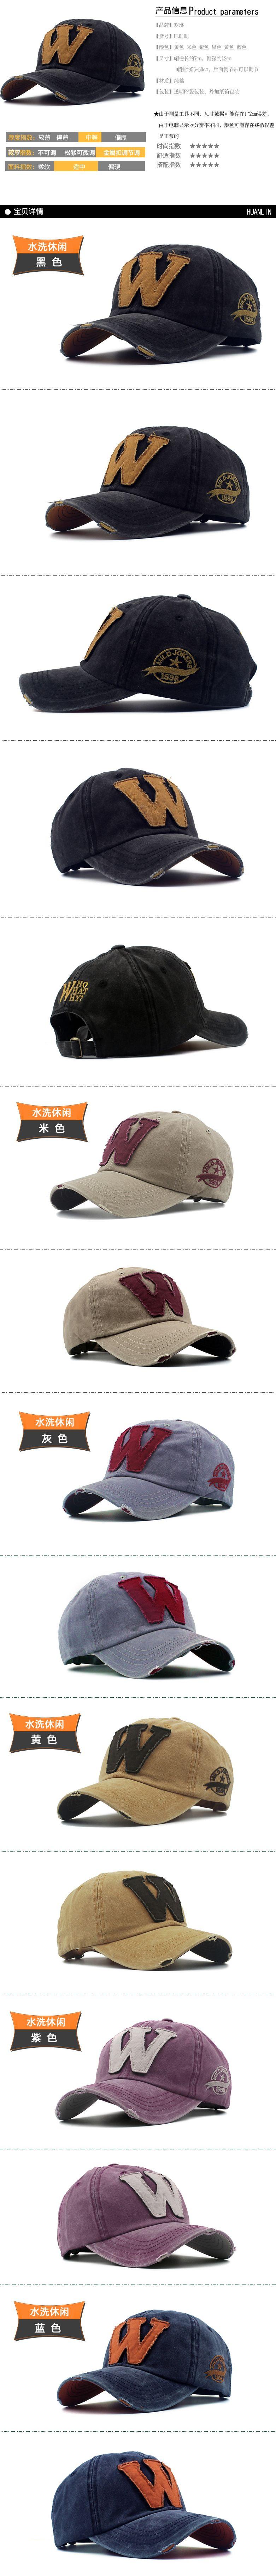 รองเท้าชาย หมวกเบสบอลเวอร์ชั่นเกาหลี